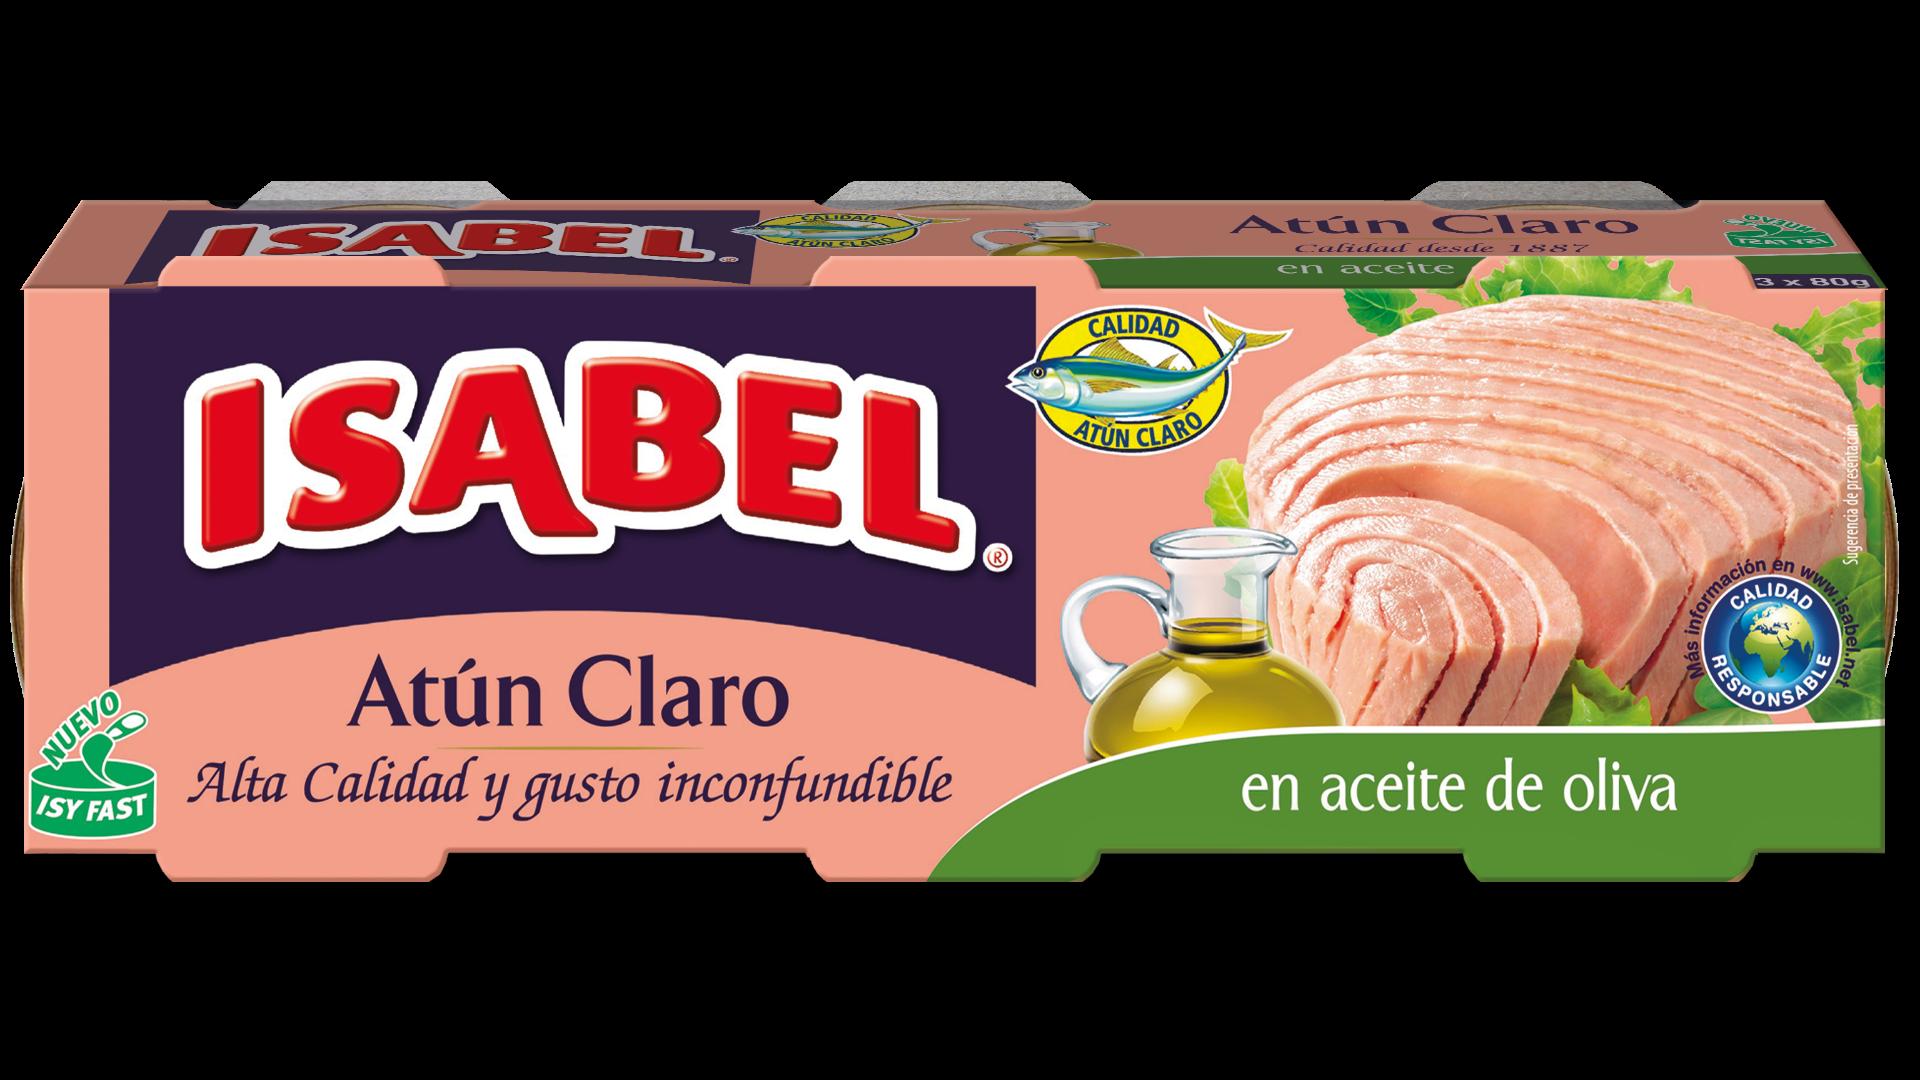 Latas De Atún Claro En Aceite De Oliva De Isabel Delicioso